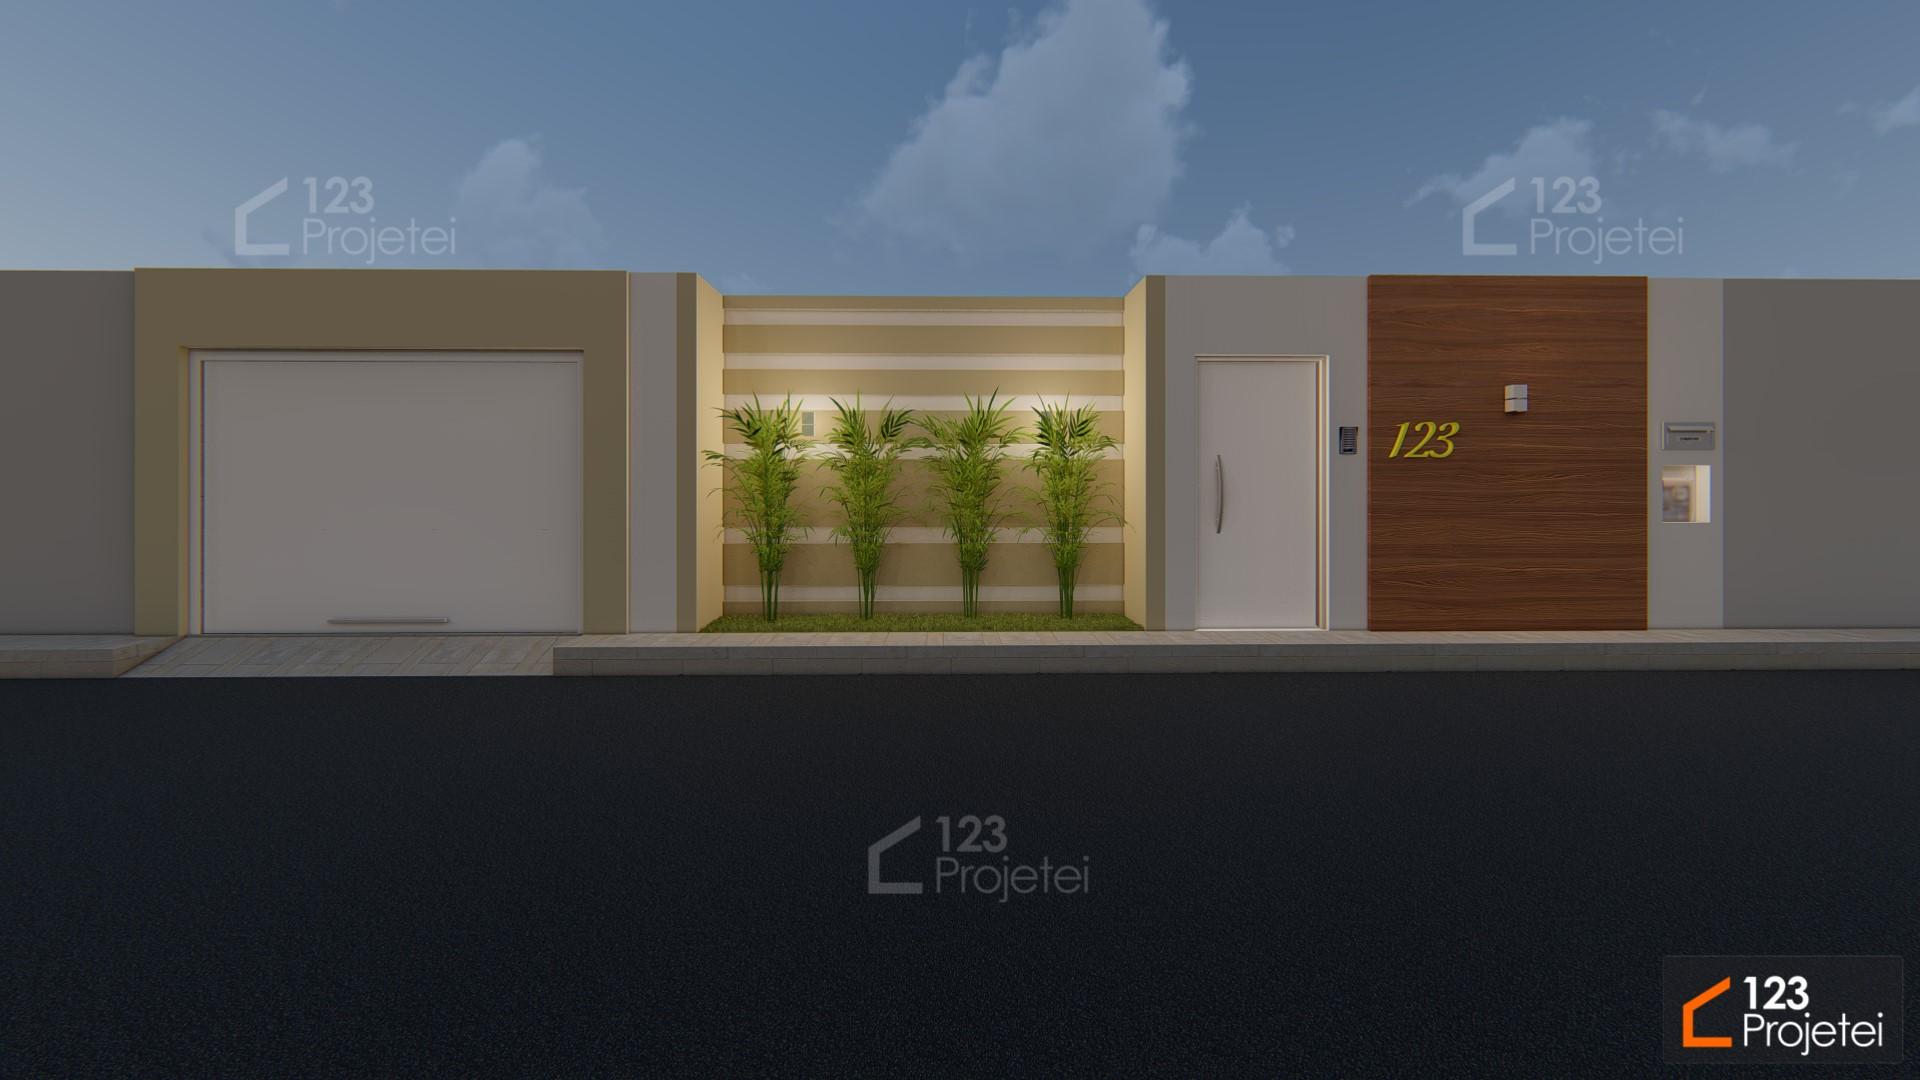 Projetos com muros na fachada são uma ótima opção de segurança e privacidade!